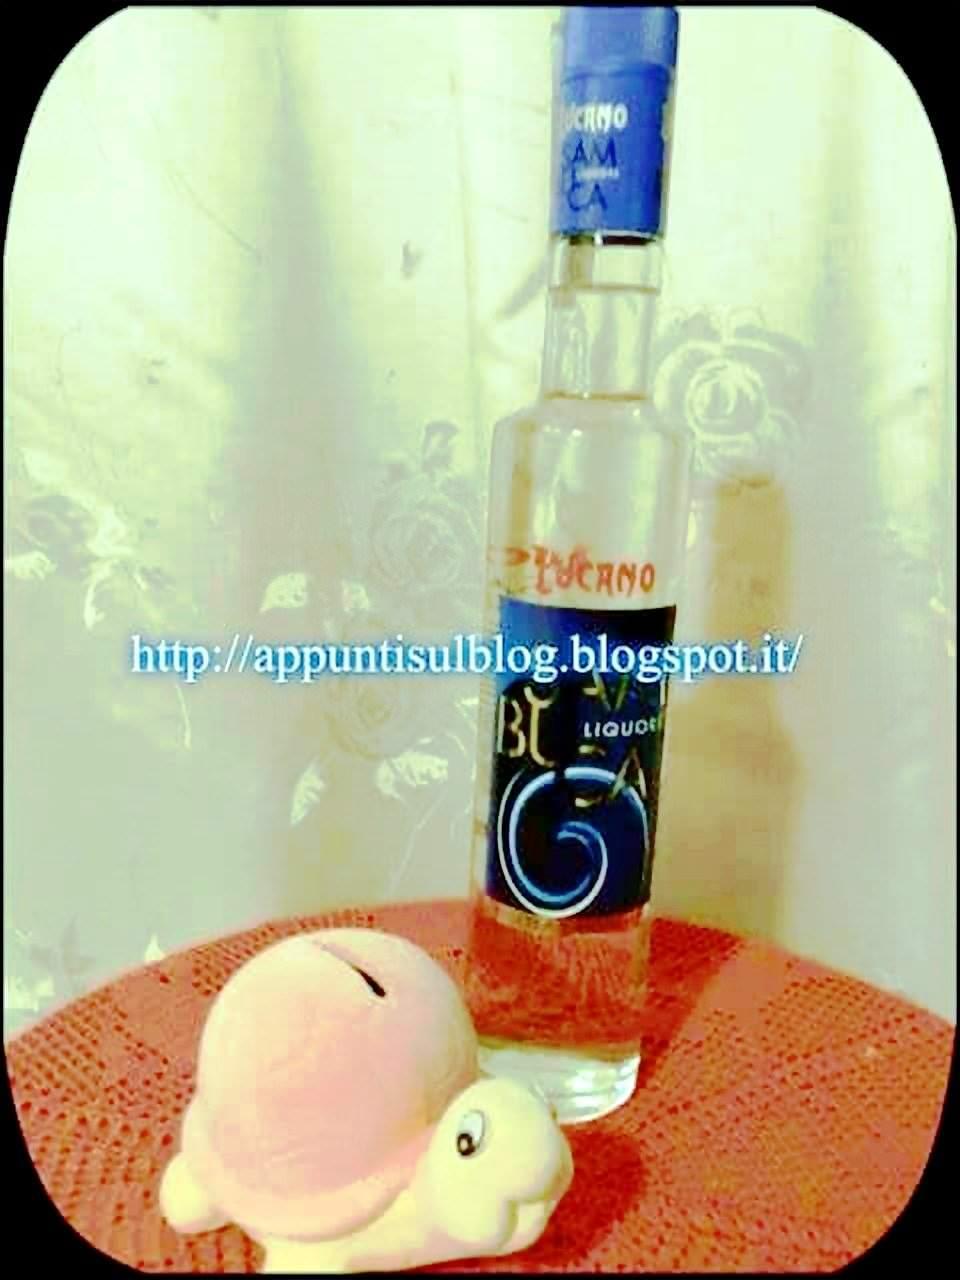 Liquori Lucano, voglio il meglio dalla vita